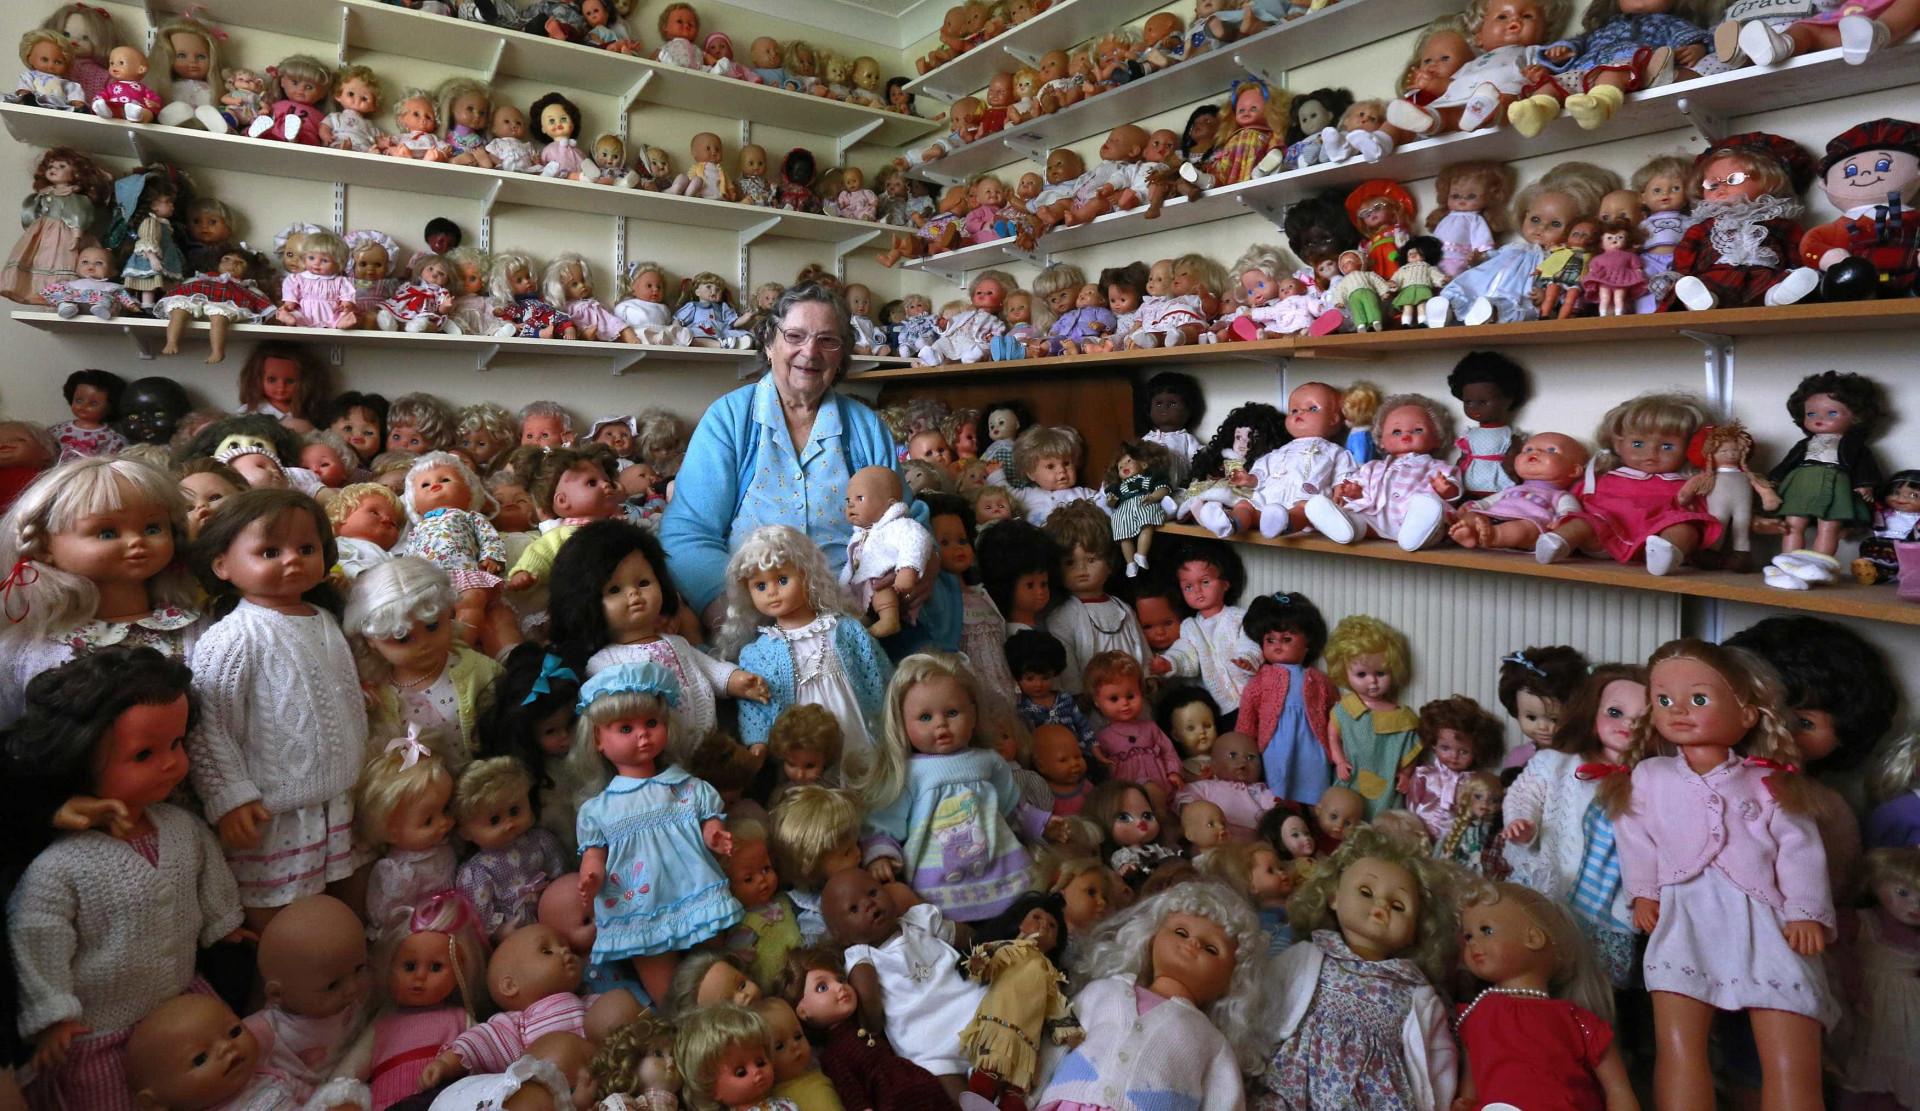 Têm milhares de bonecas, sutiãs ou pedras. São colecionadores extremos